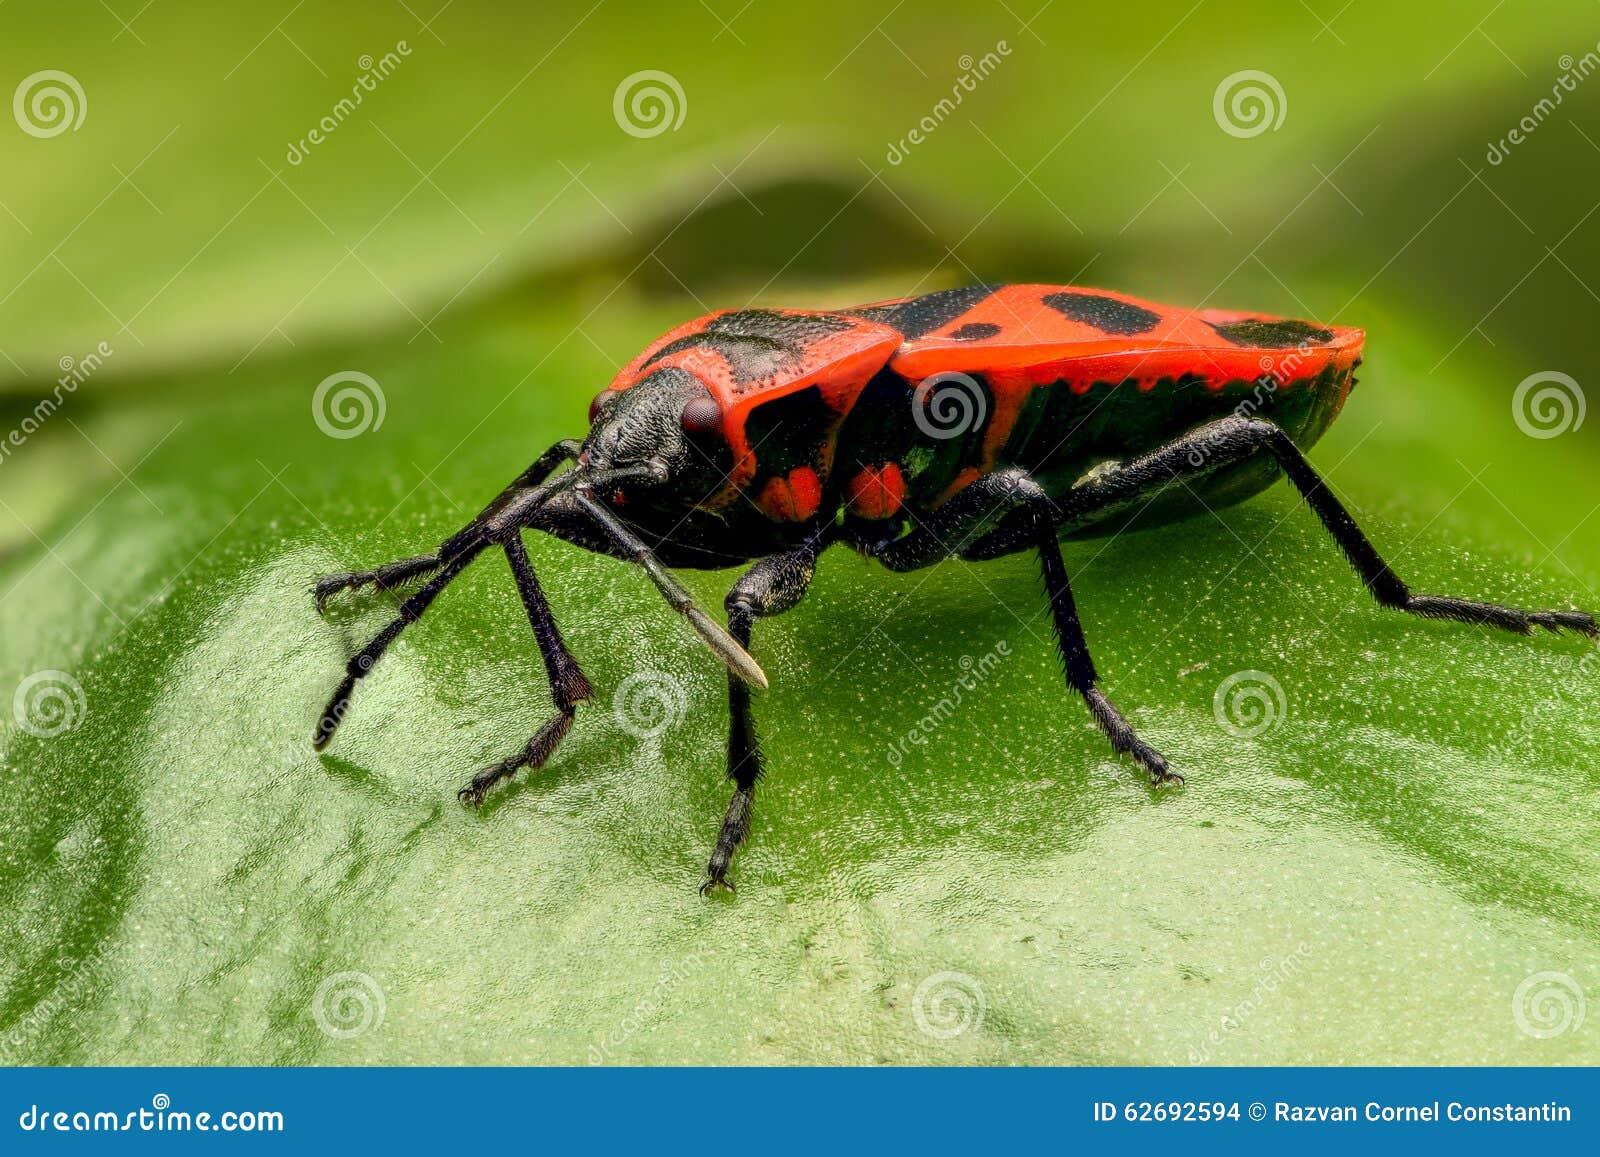 Insecte noir et rouge equestris de lygaeus photo stock image 62692594 - Insecte rouge et noir ...